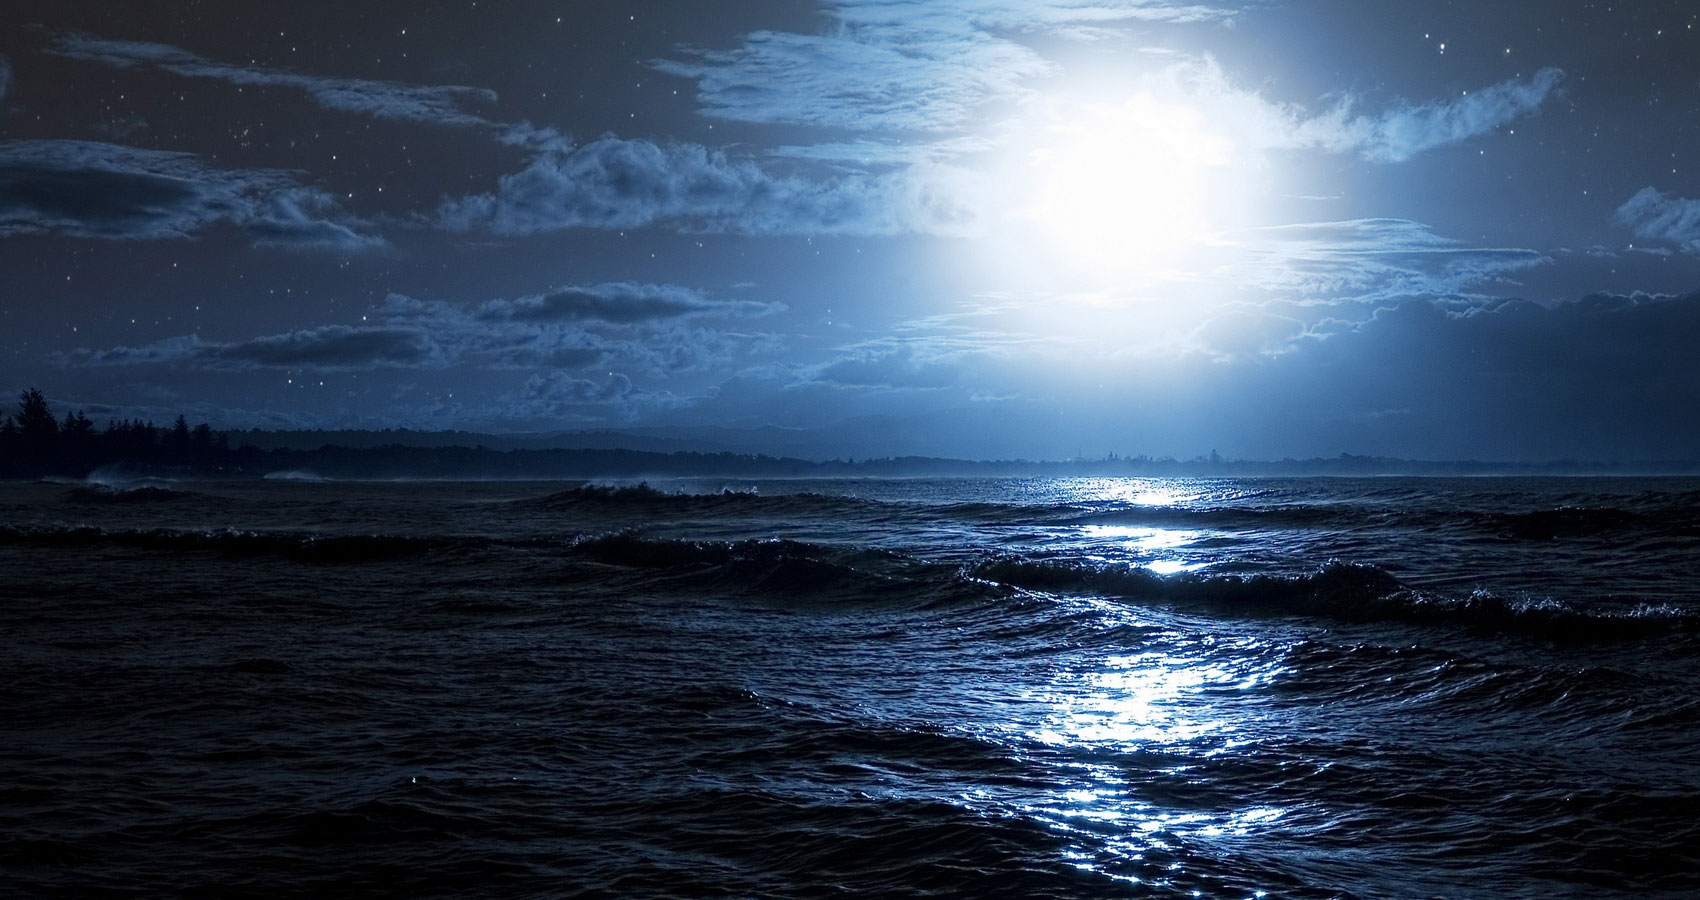 Ocean by Ingela at Spillwords.com